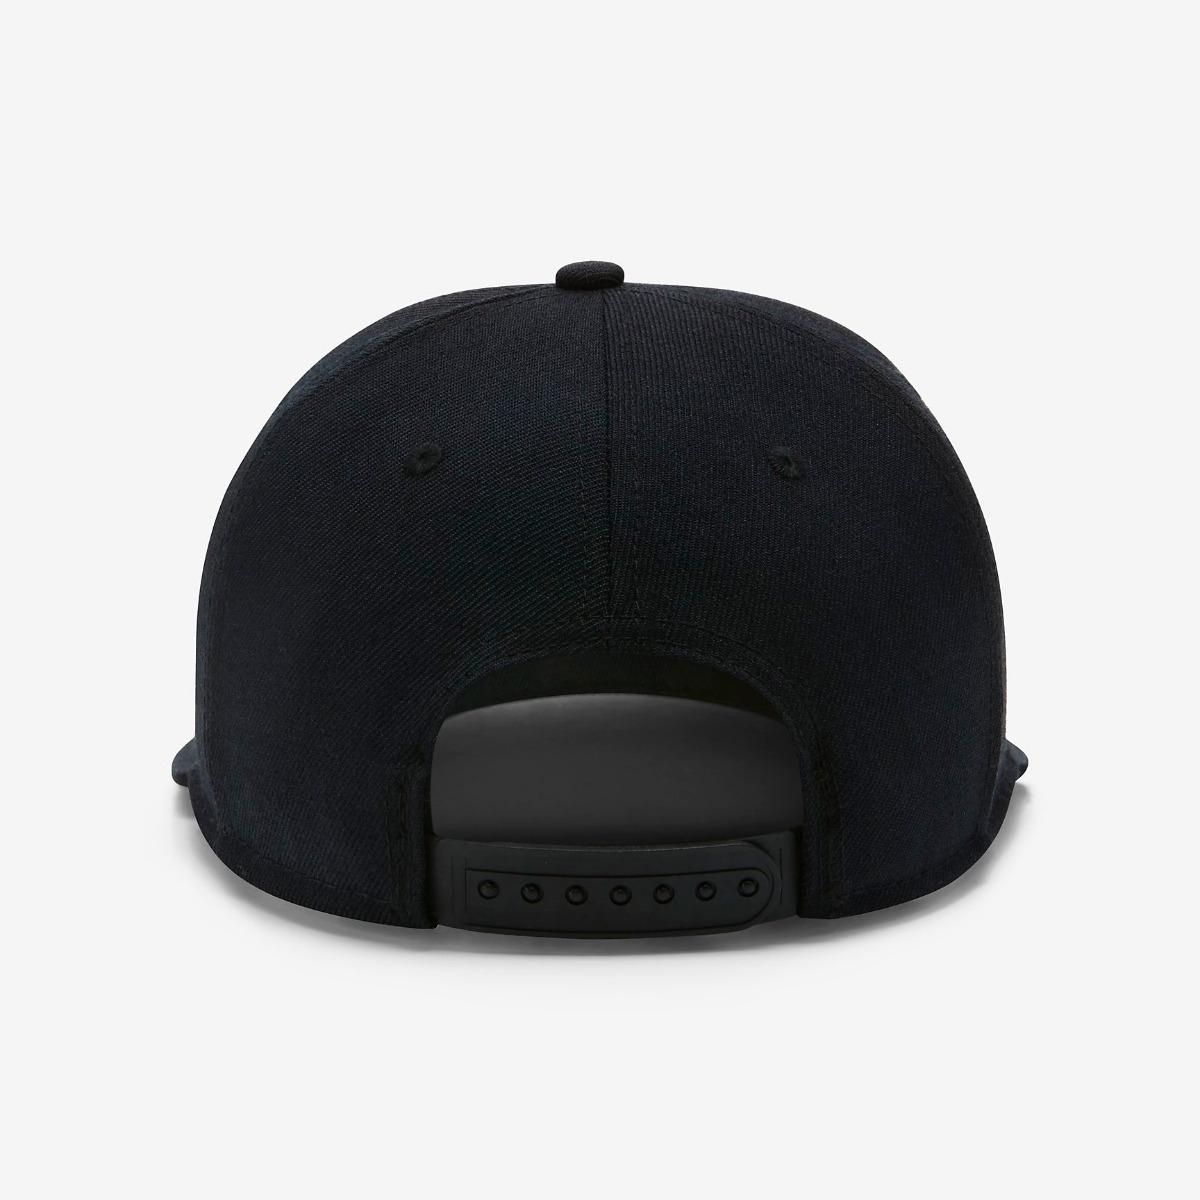 Gorra Nike Futura True 2 Snapback -   750.00 en Mercado Libre abf4310f46e